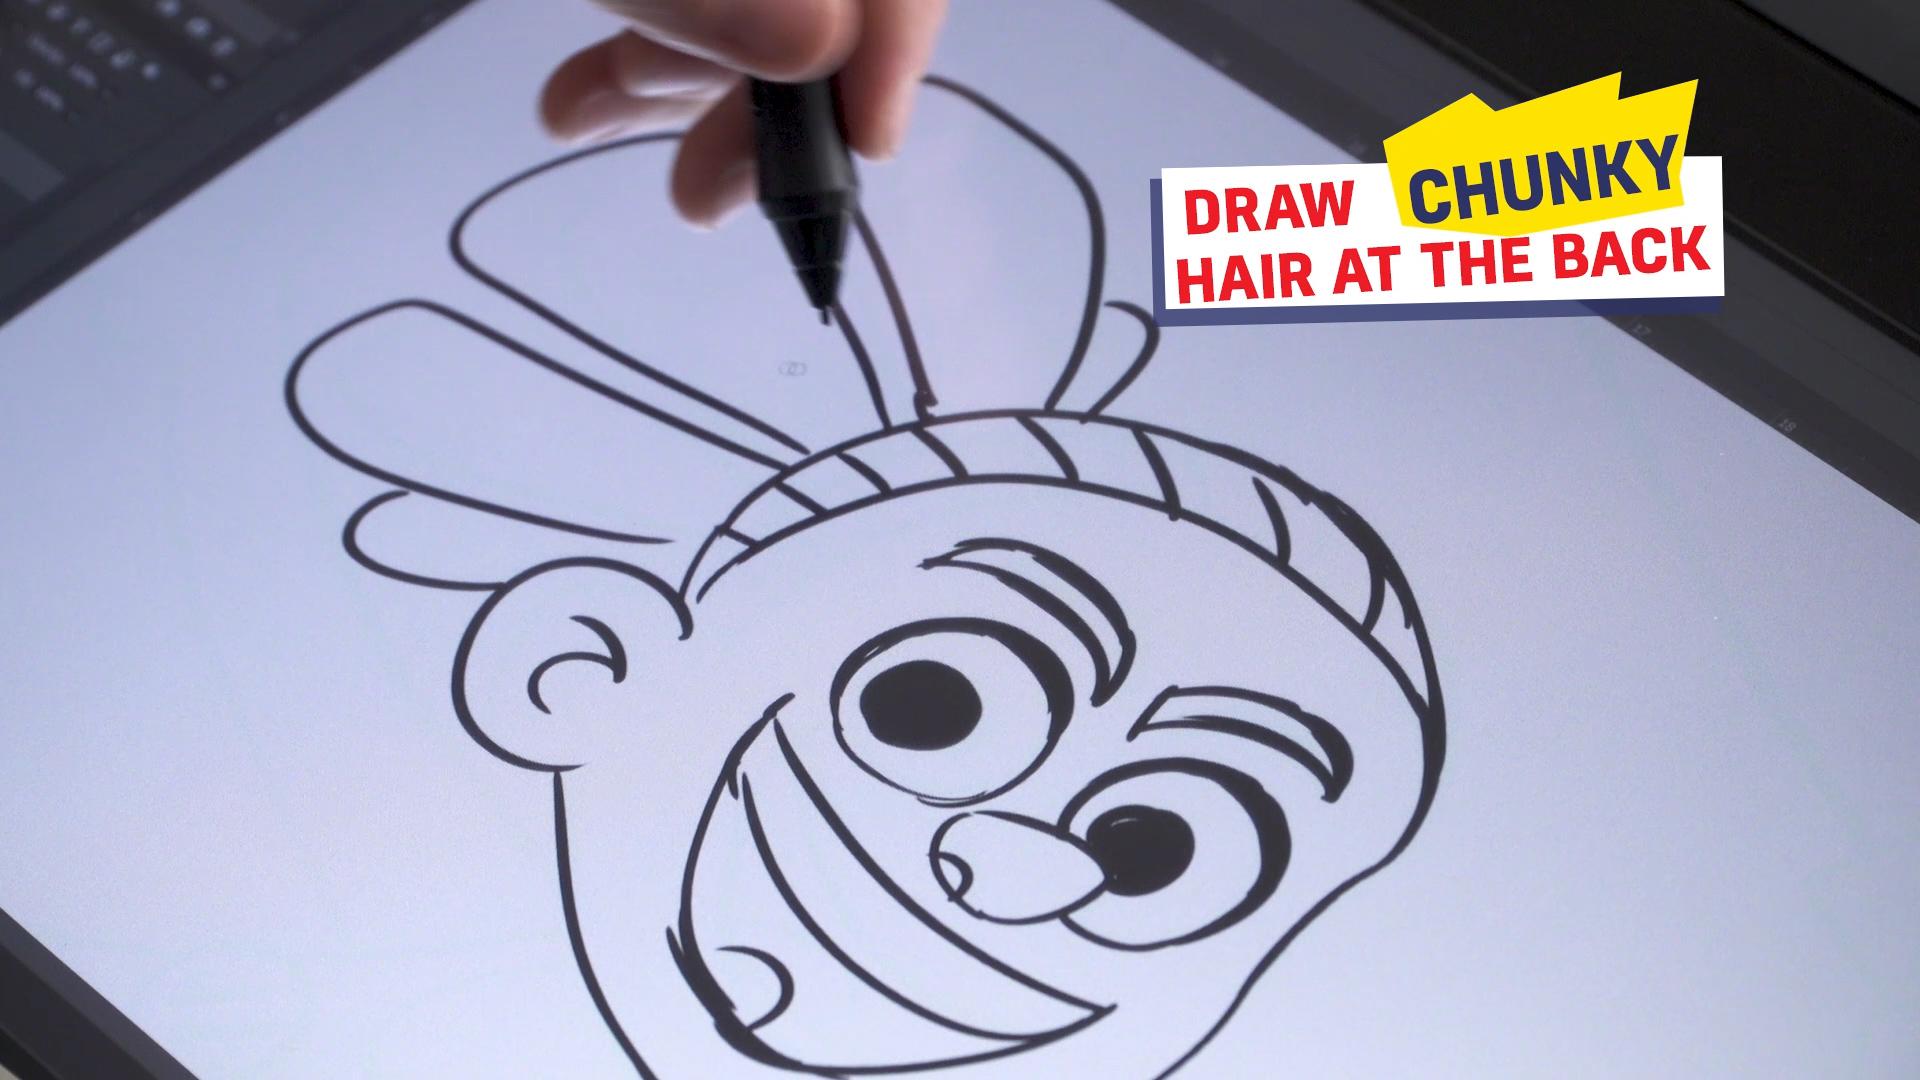 Ross drawing JJ's hair